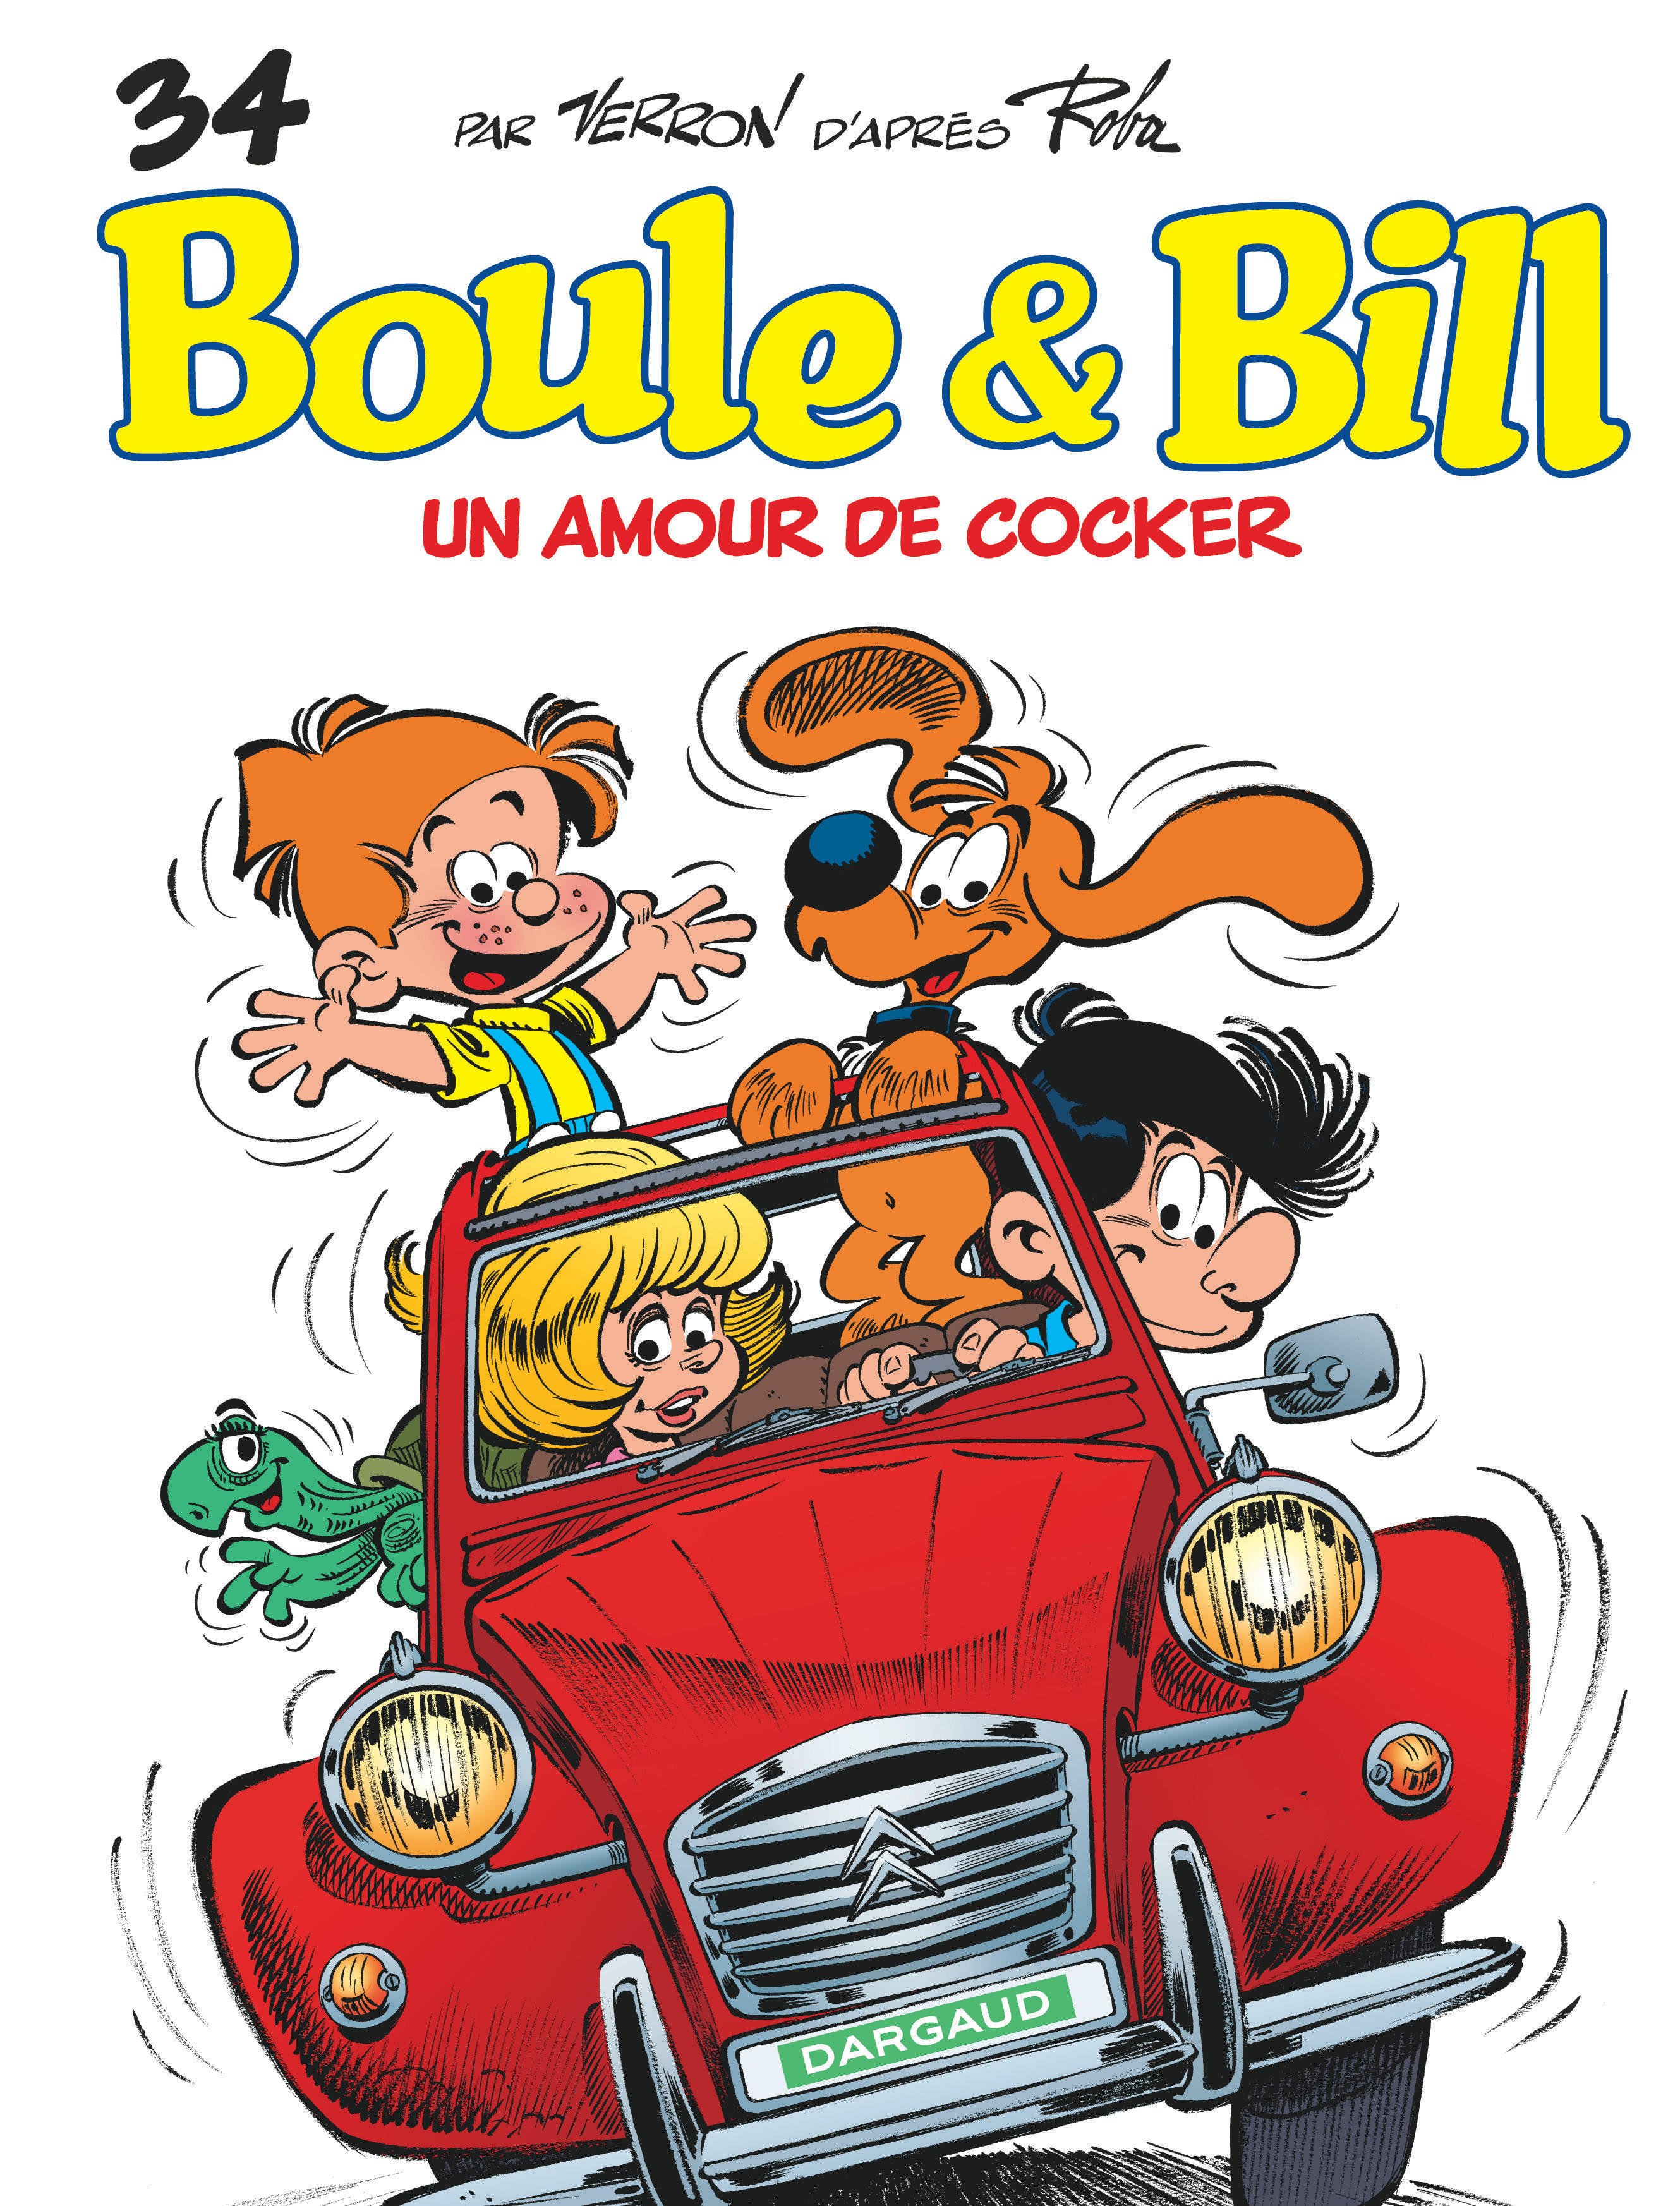 BOULE & BILL - TOME 34 - UN AMOUR DE COCKER (34)